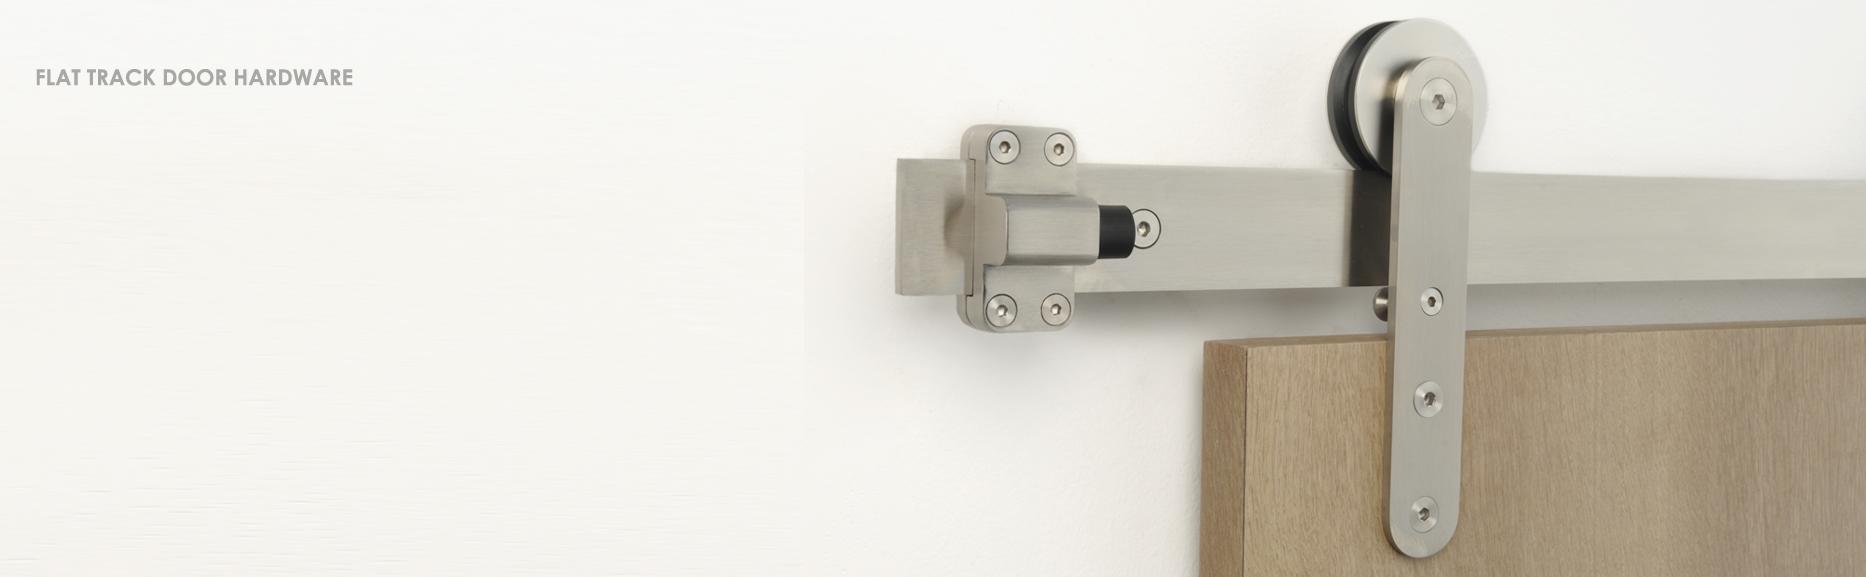 strongar hardware barn door hardware modern door pull handles